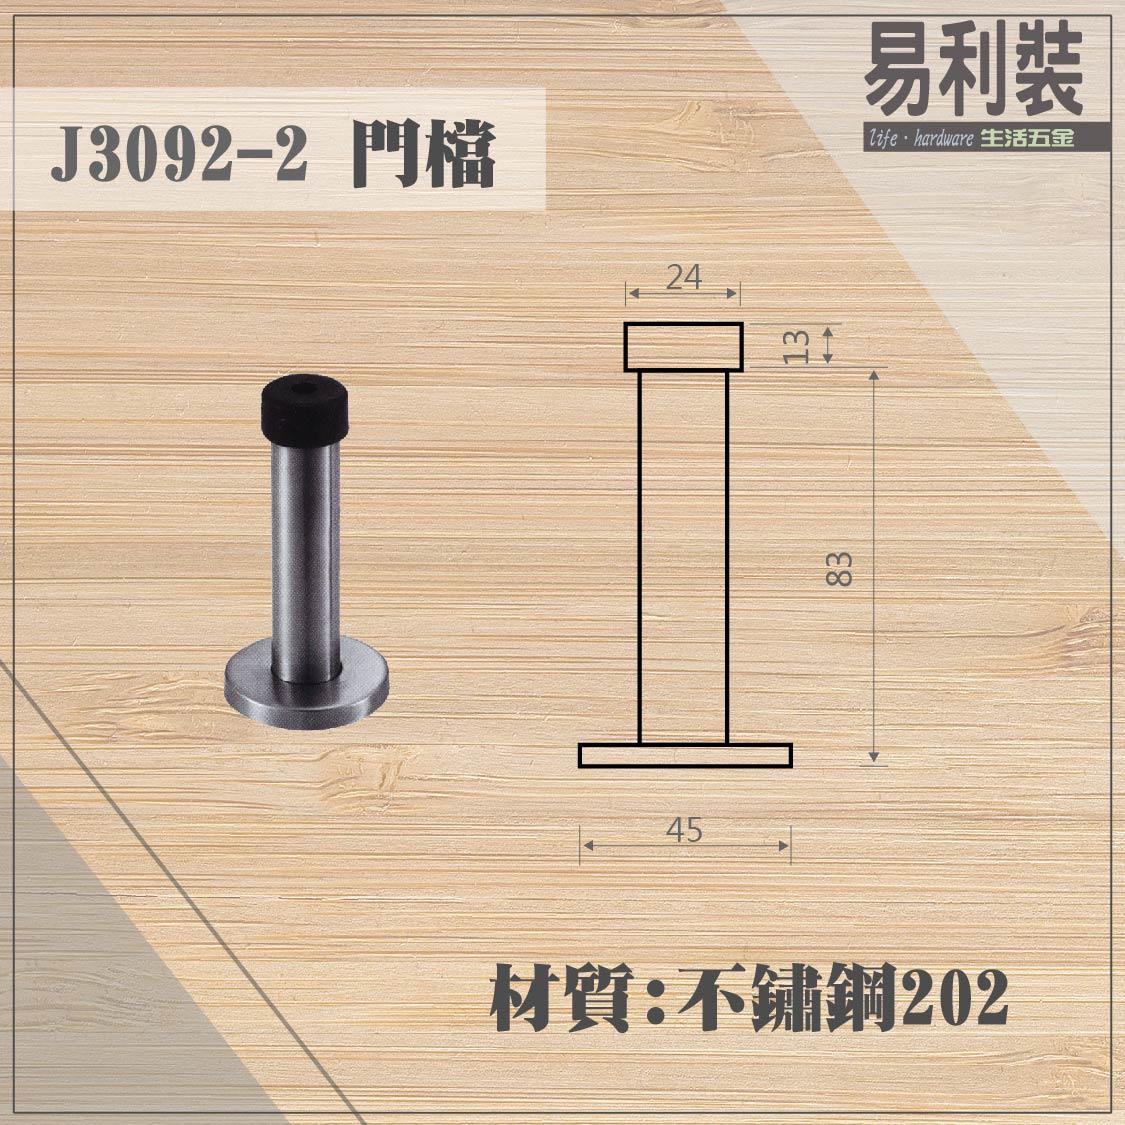 【 EASYCAN  】J3092-1 不鏽鋼門檔 易利裝生活五金 浴室 廚房 房間 臥房 衣櫃 小資族 辦公家具 系統家具 1